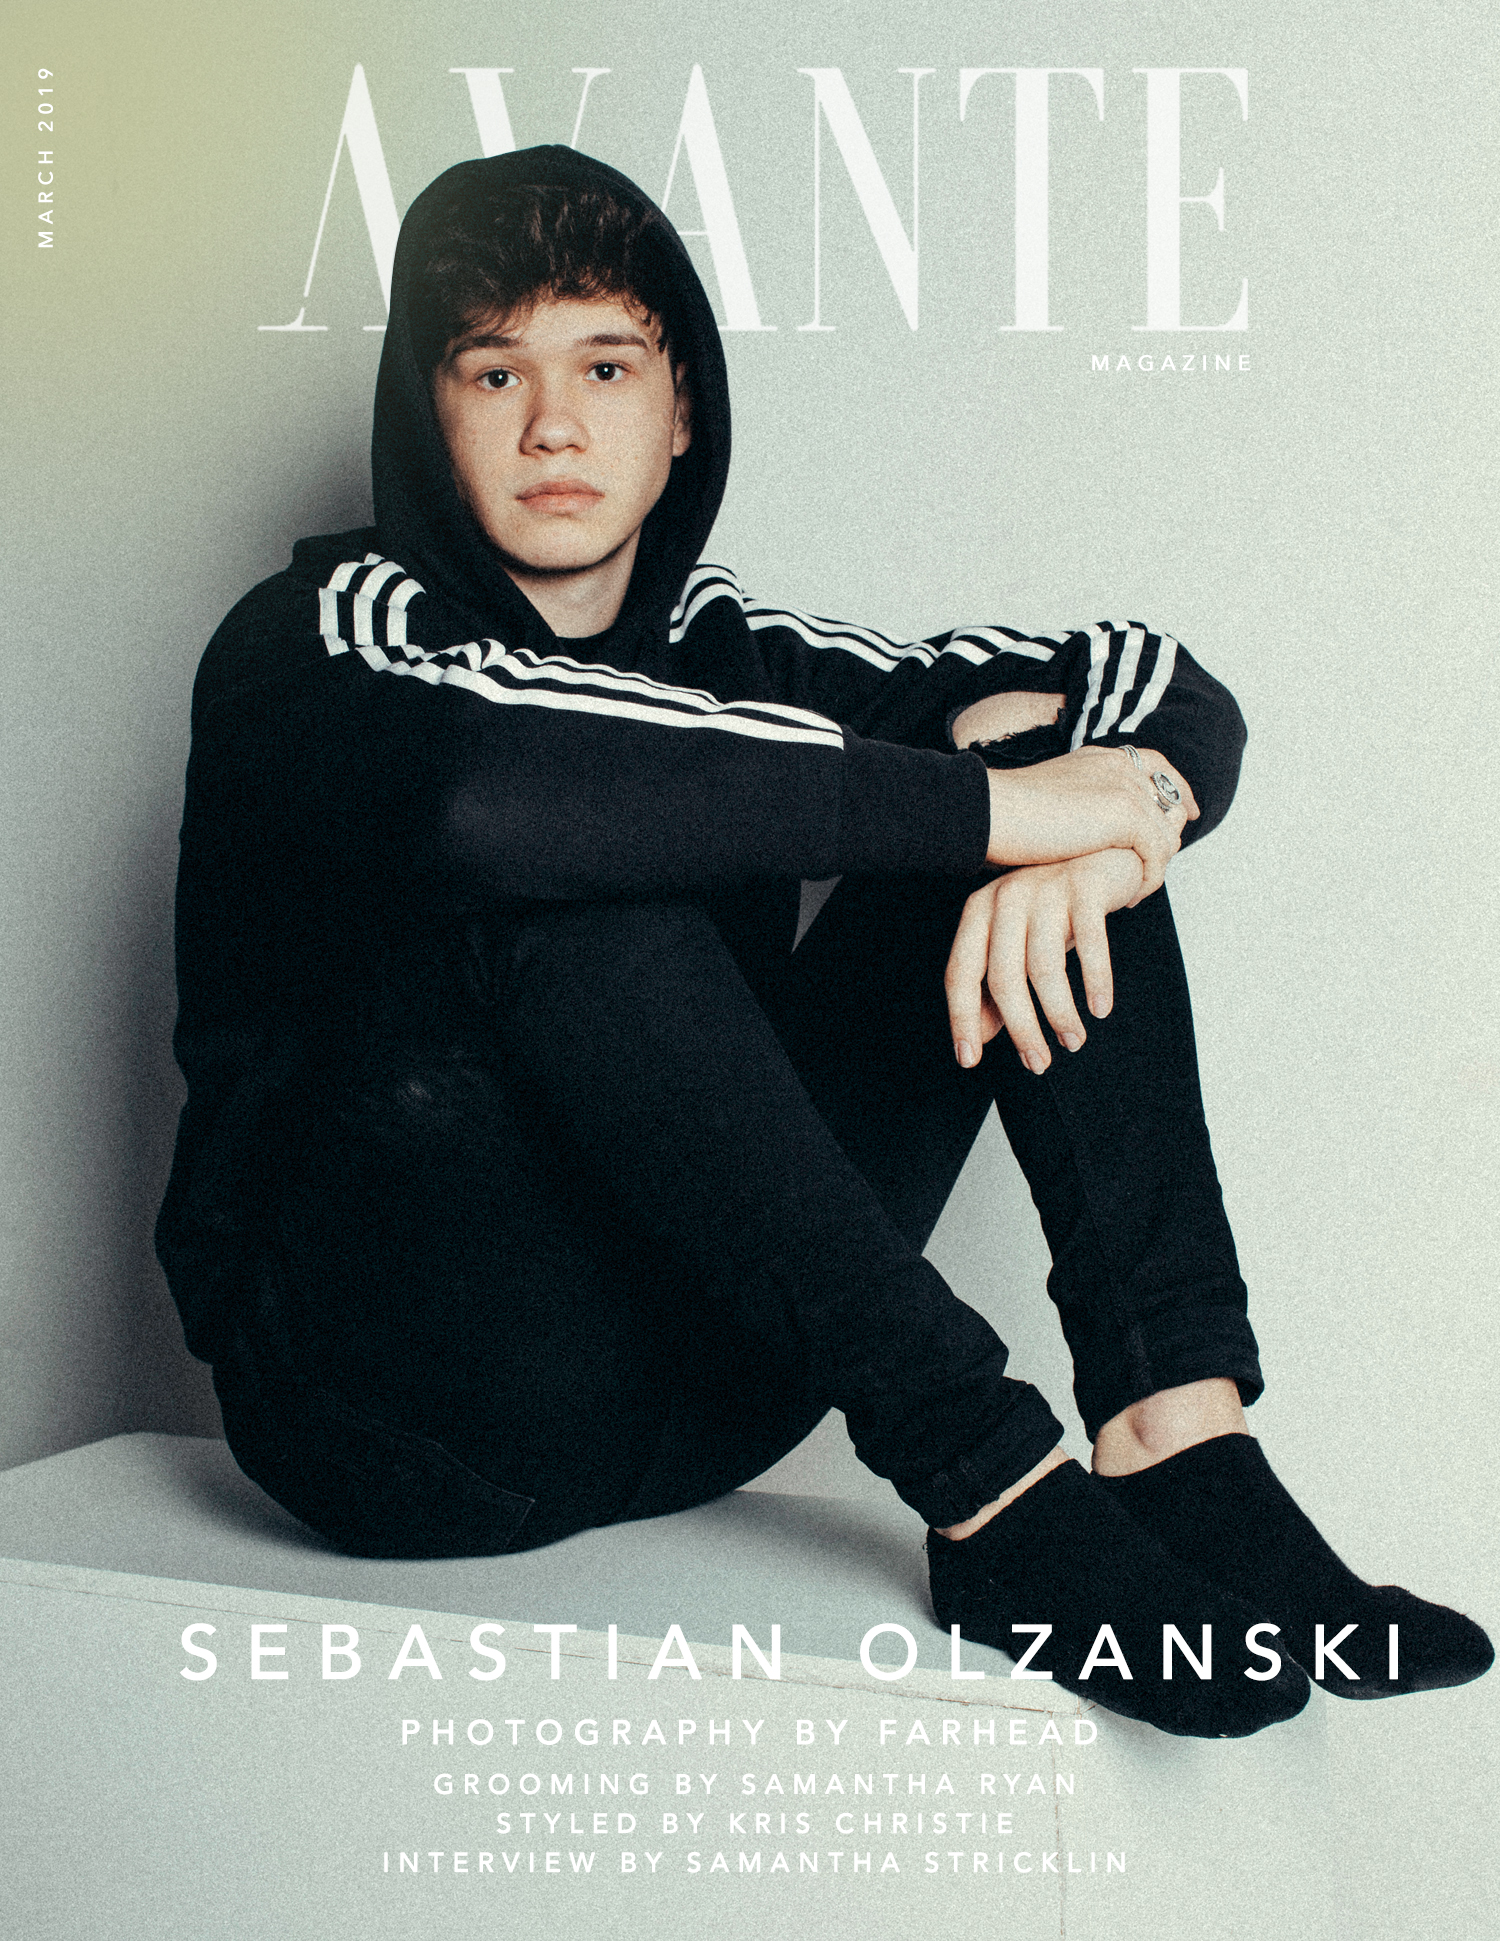 SebastianOlzanskiCover.